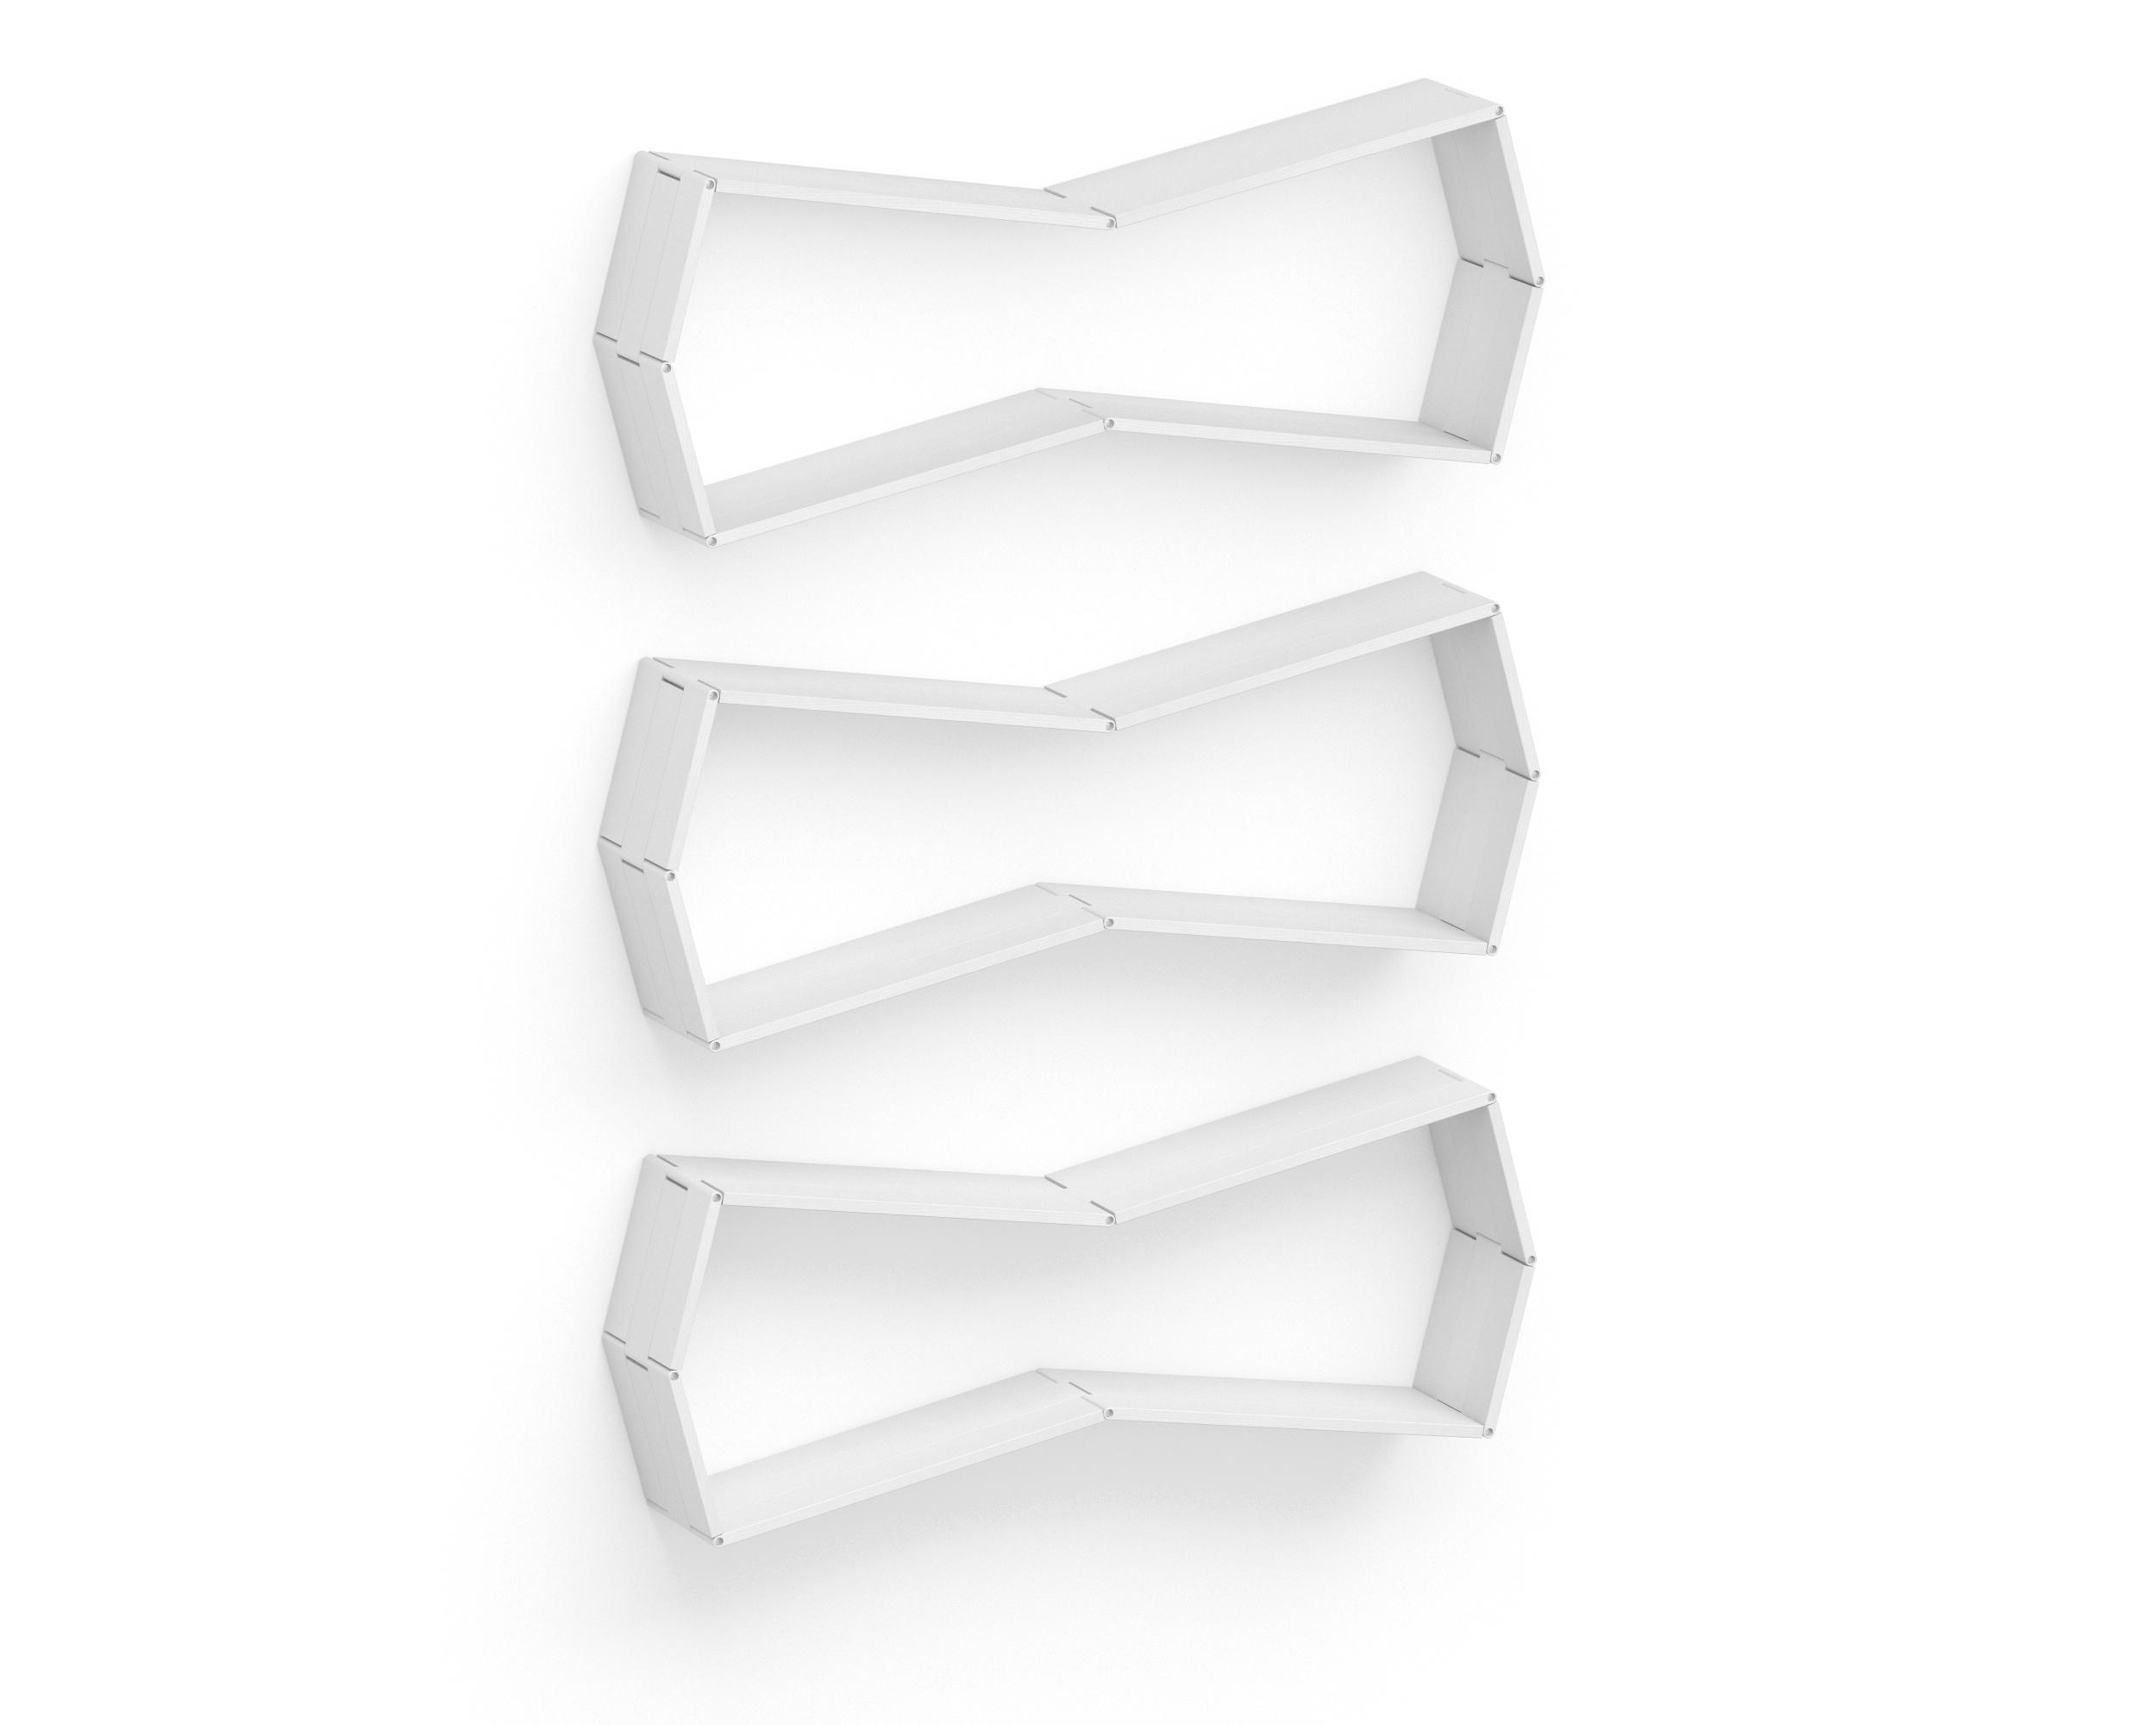 Полка-конструктор Flex Shelf 97Полки<br>цвет: натуральный ясень, красный, оранжевый, зеленый, голубой, сиреневый, белый, черный<br><br>Material: Ясень<br>Width см: 129<br>Depth см: 193<br>Height см: 22